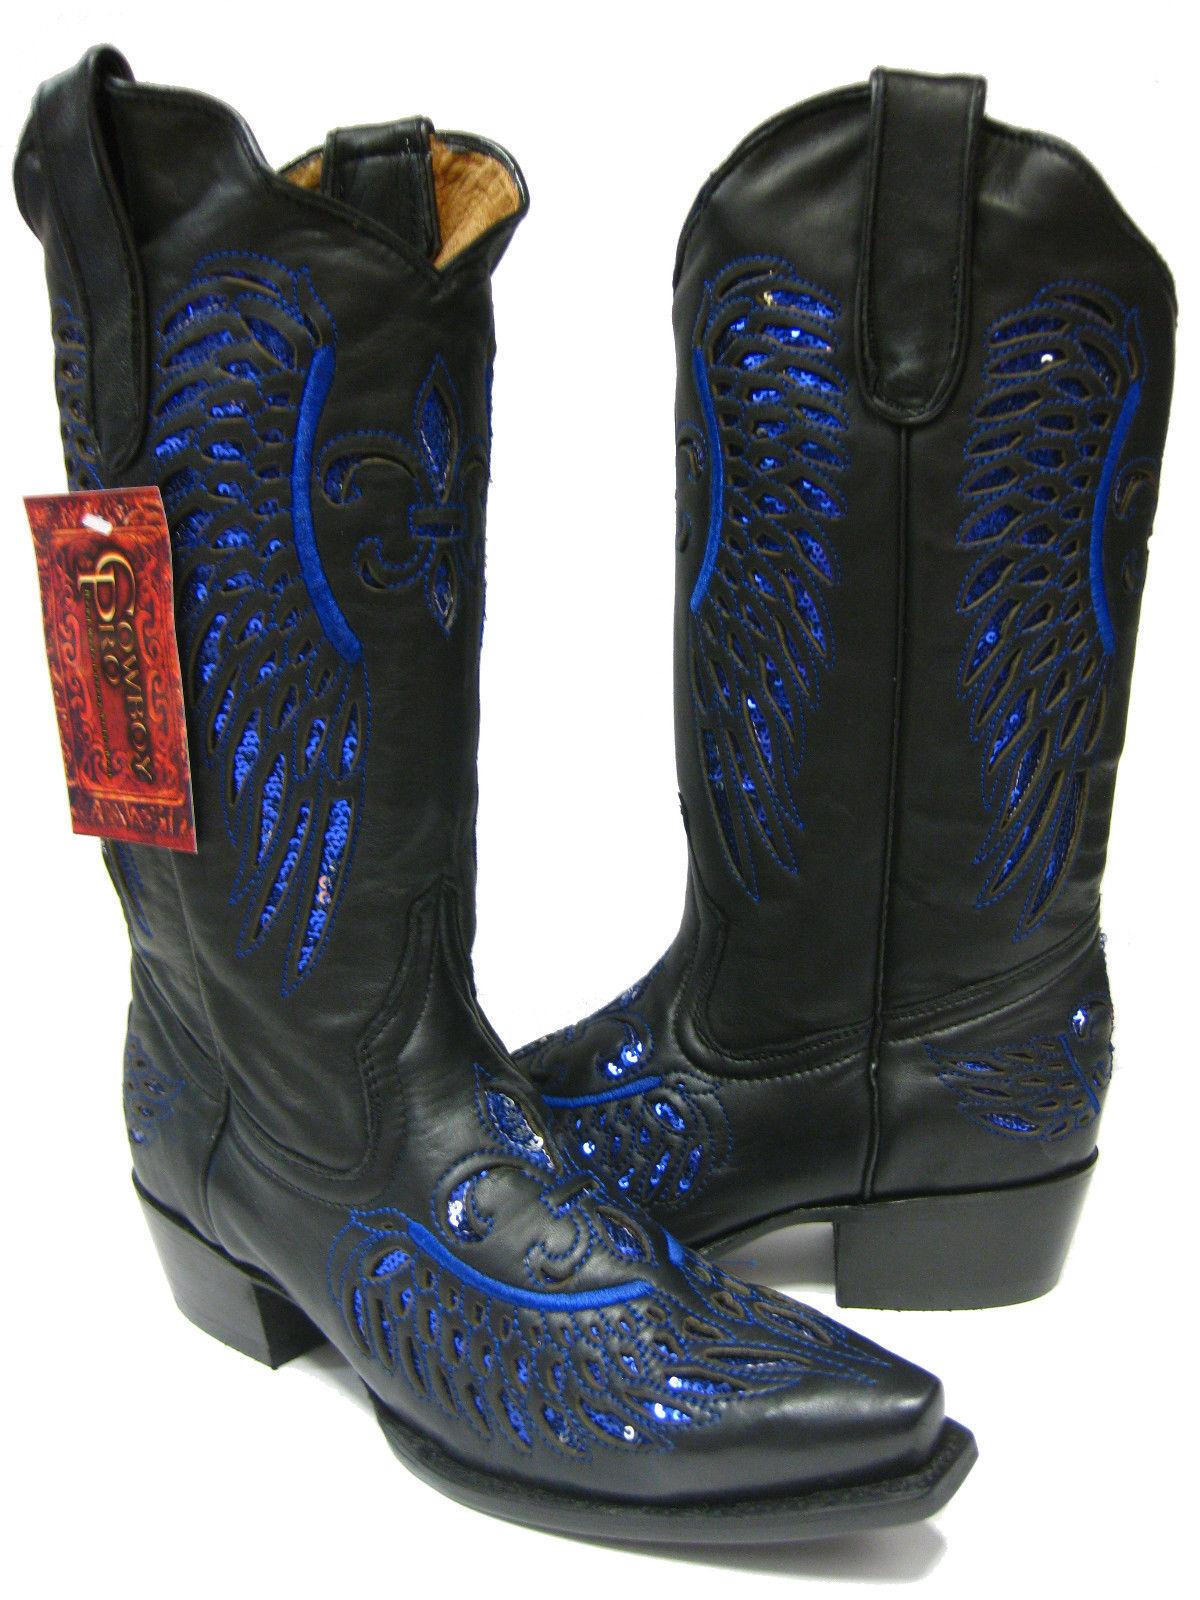 Para mujeres botas Cuero Flor embutido Azul Lentejuelas Negro botas mujeres De Vaquero desgaste SNIP Toe e5a7be